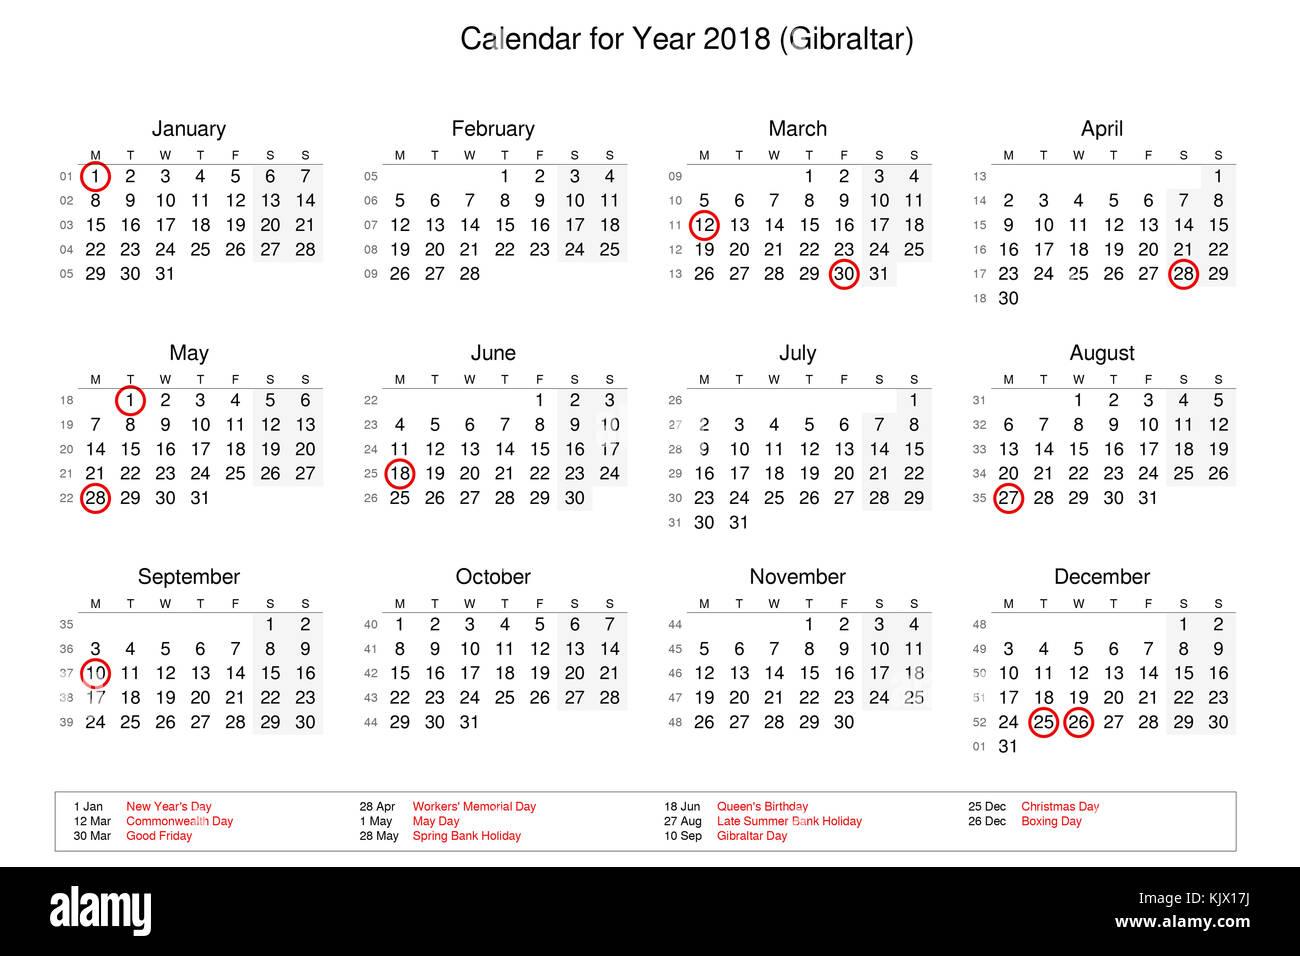 Calendario Con Giorni Festivi.Calendario Dell Anno 2018 Con Giorni Festivi E Giorni